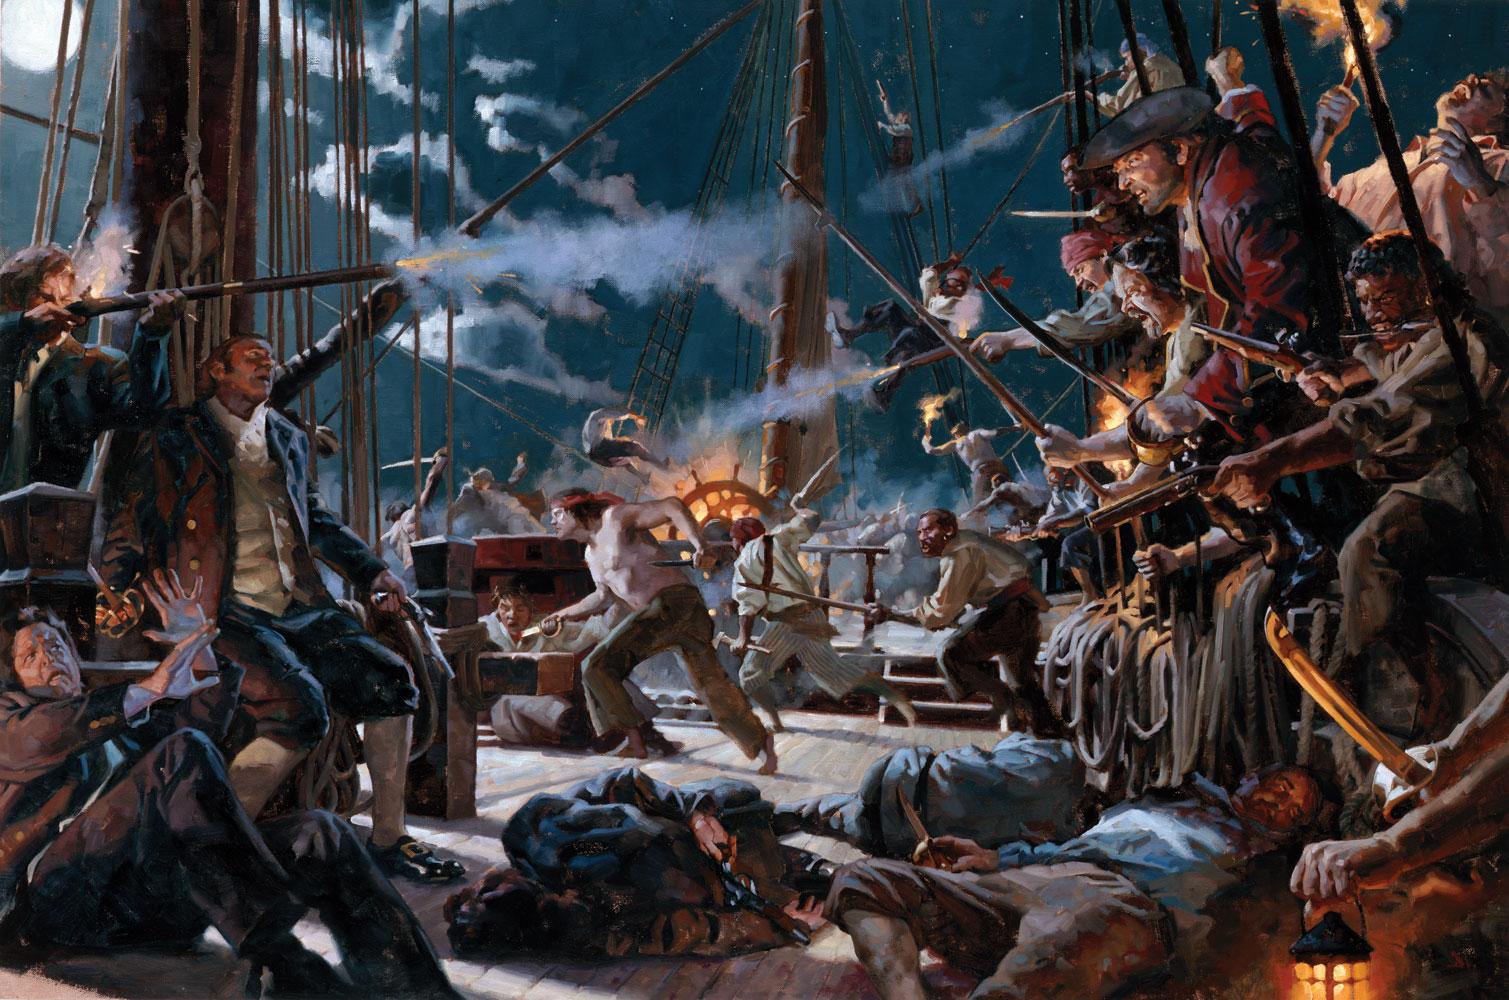 Hanz zimmer - пираты карибского моря специально для лёши.